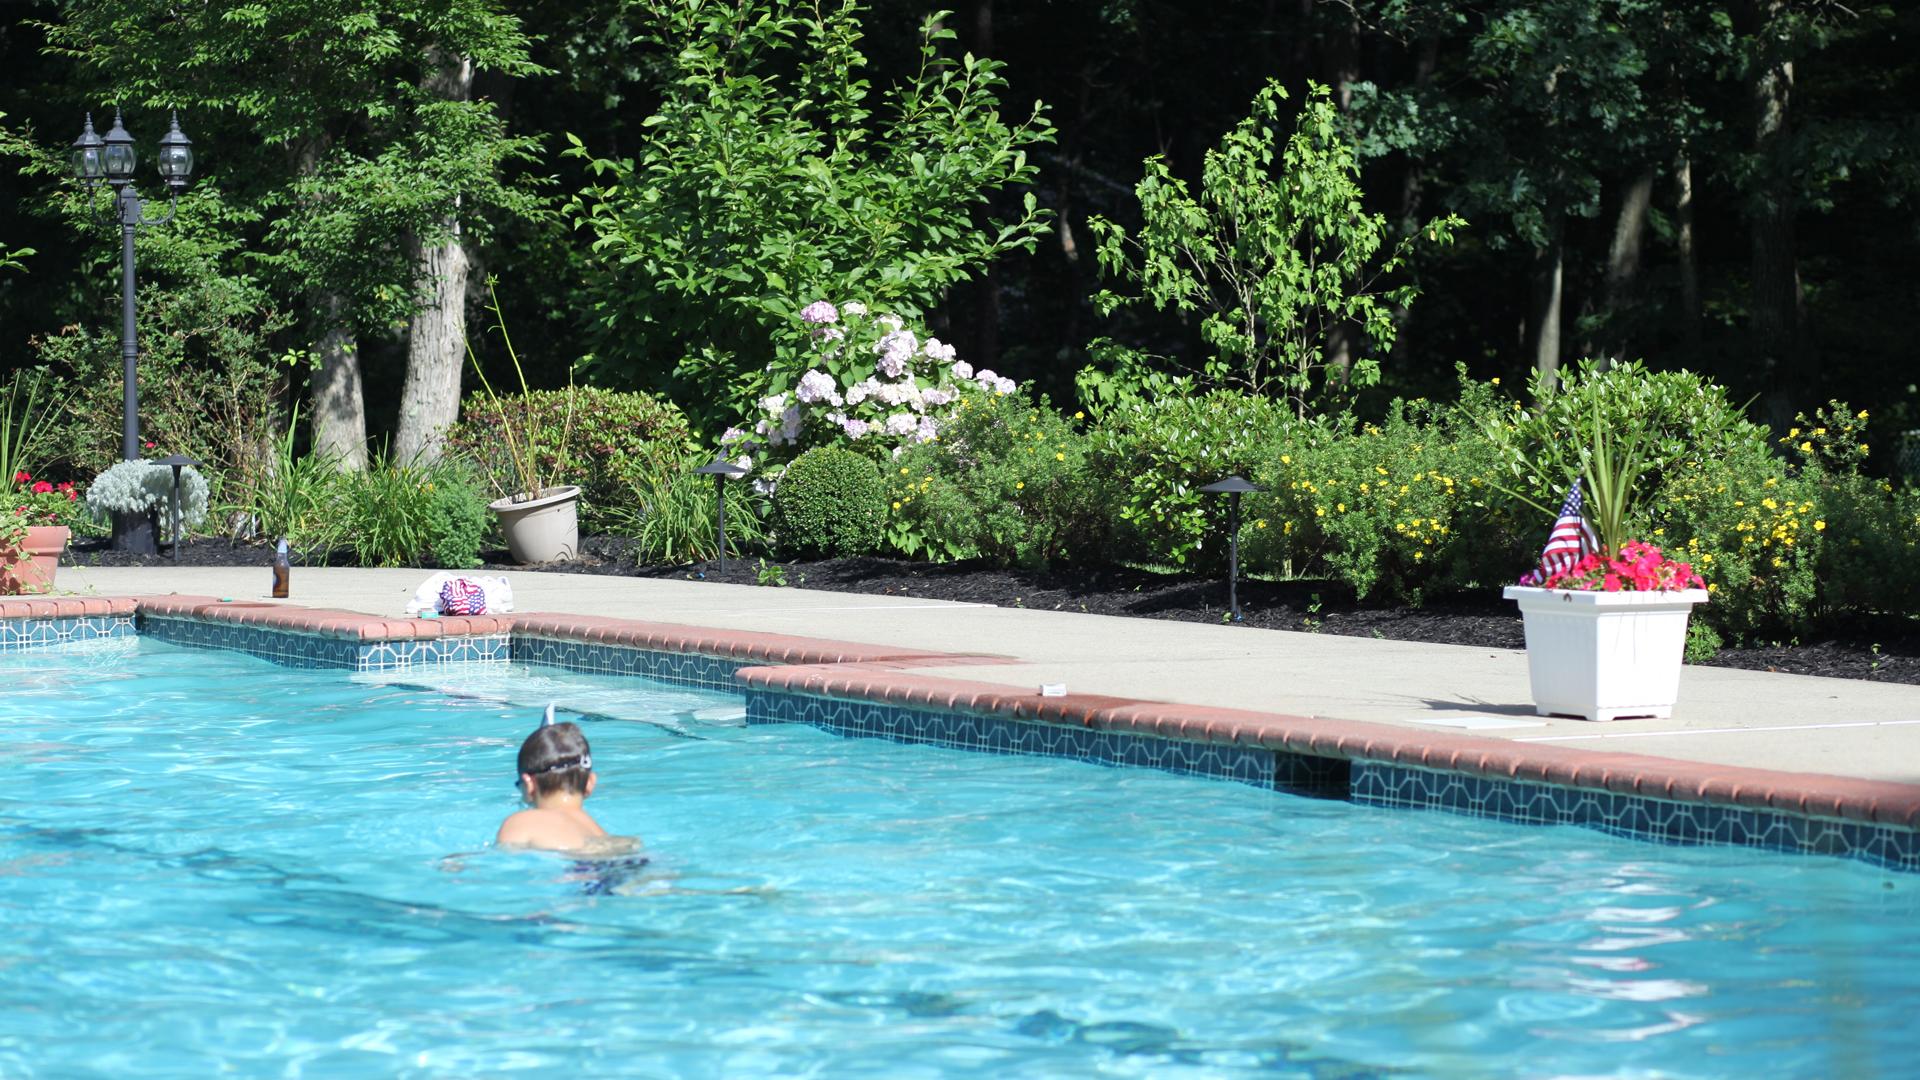 Nicholas taking a dip